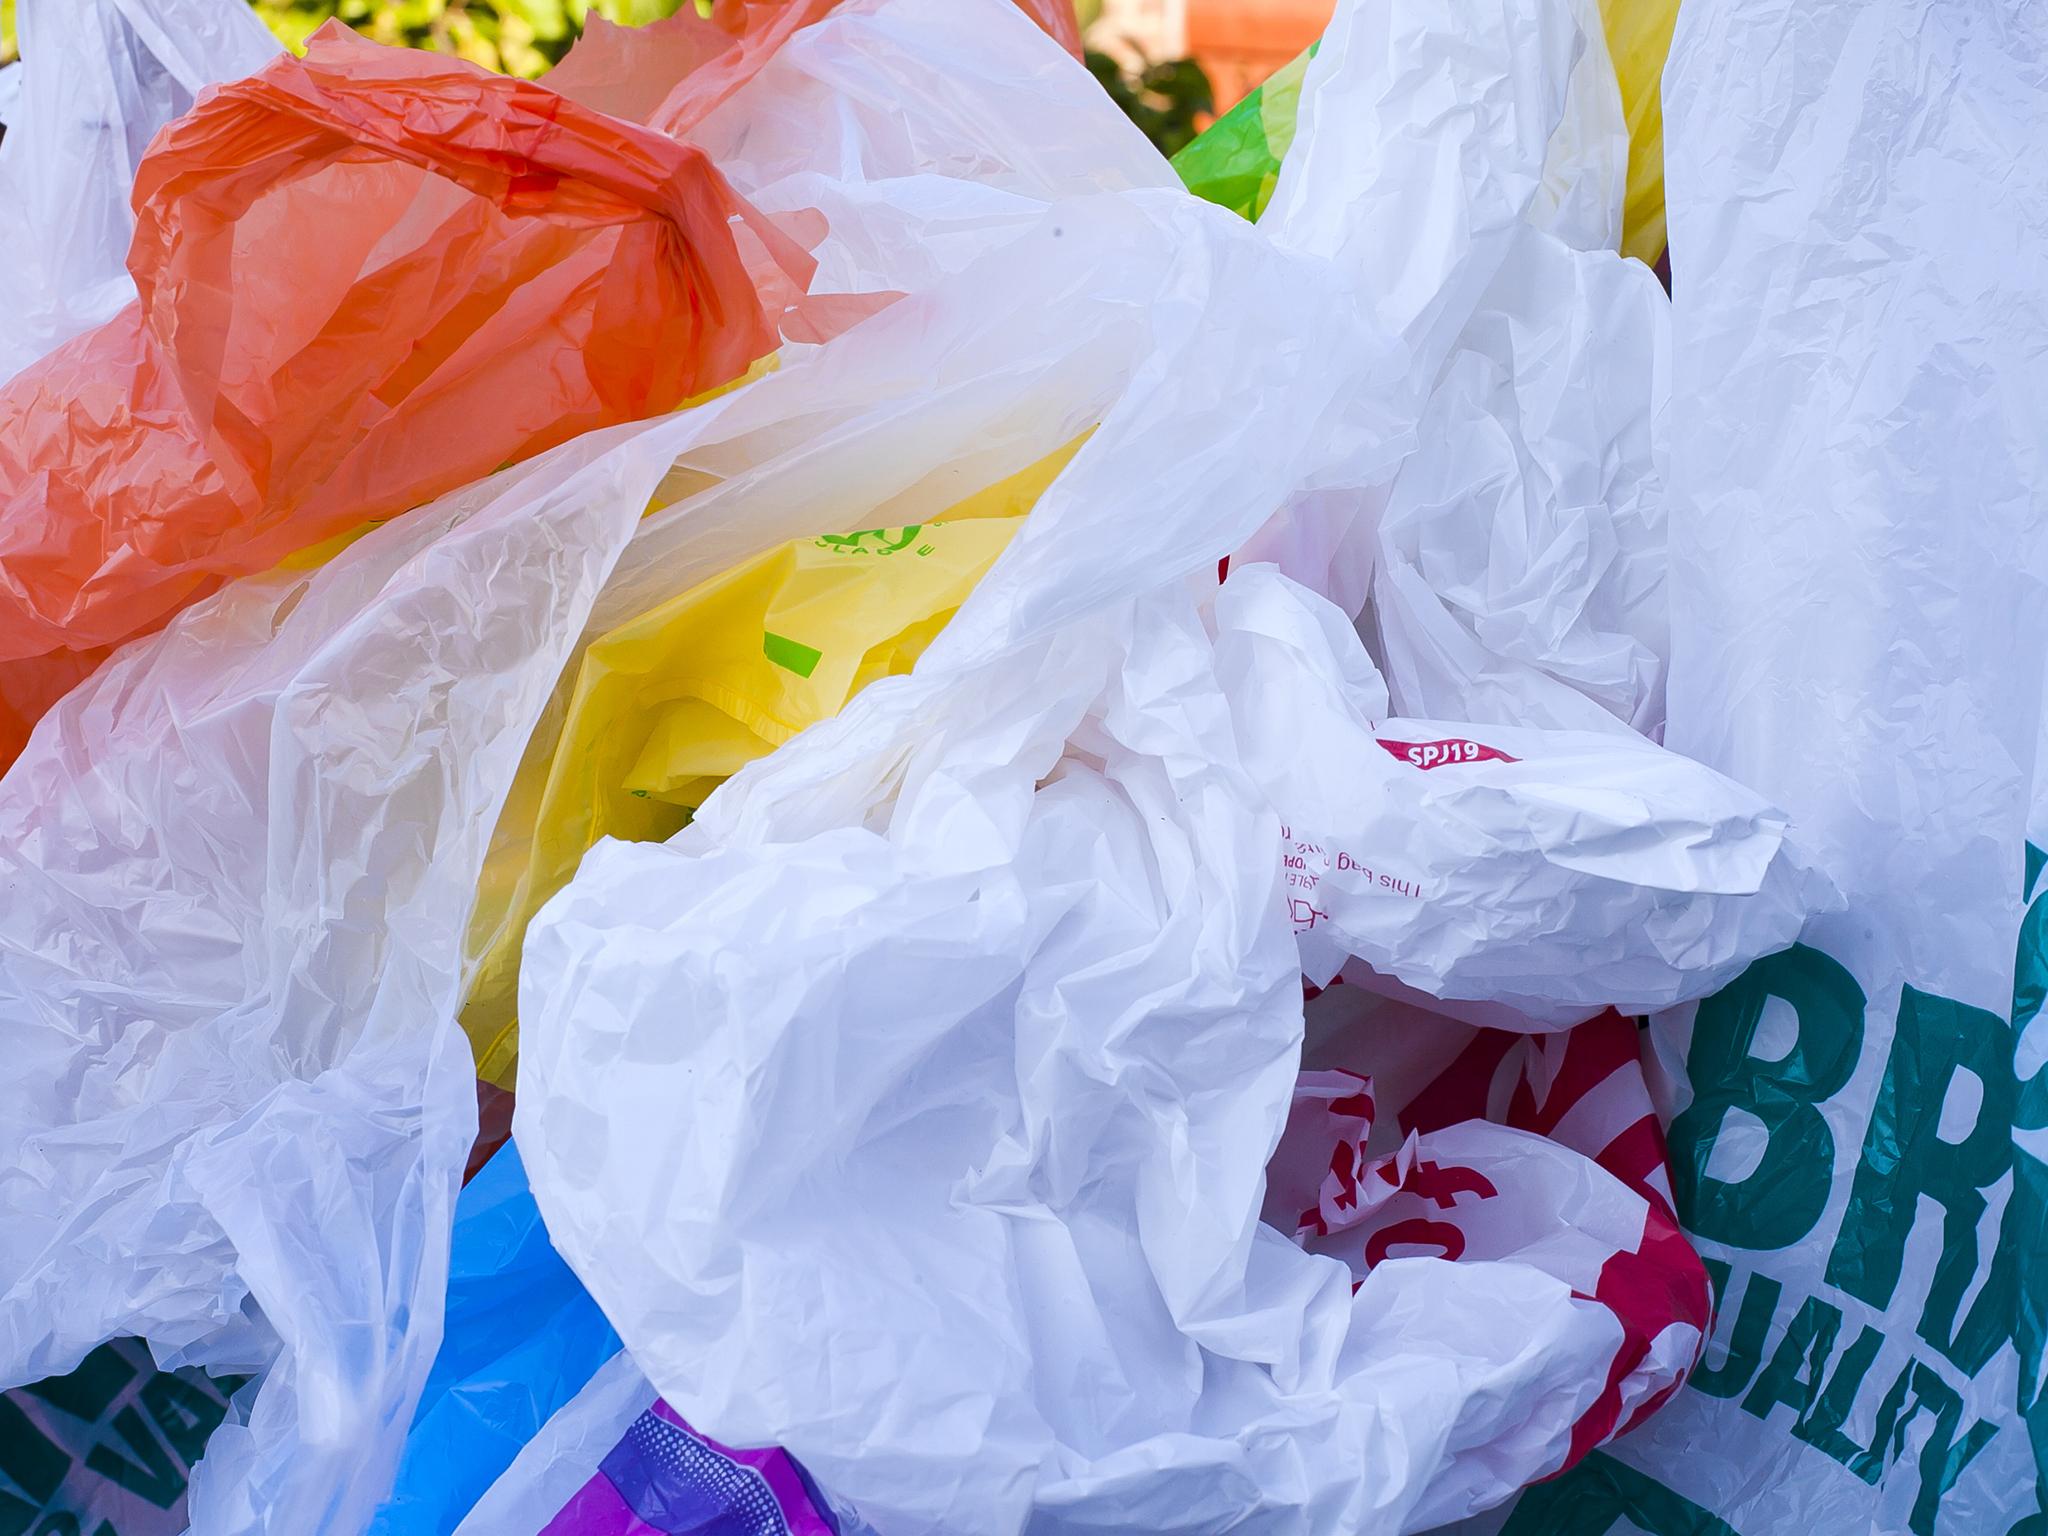 ملک میں سالانہ 55 ارب پلاسٹک شاپنگ بیگز کا استعمال